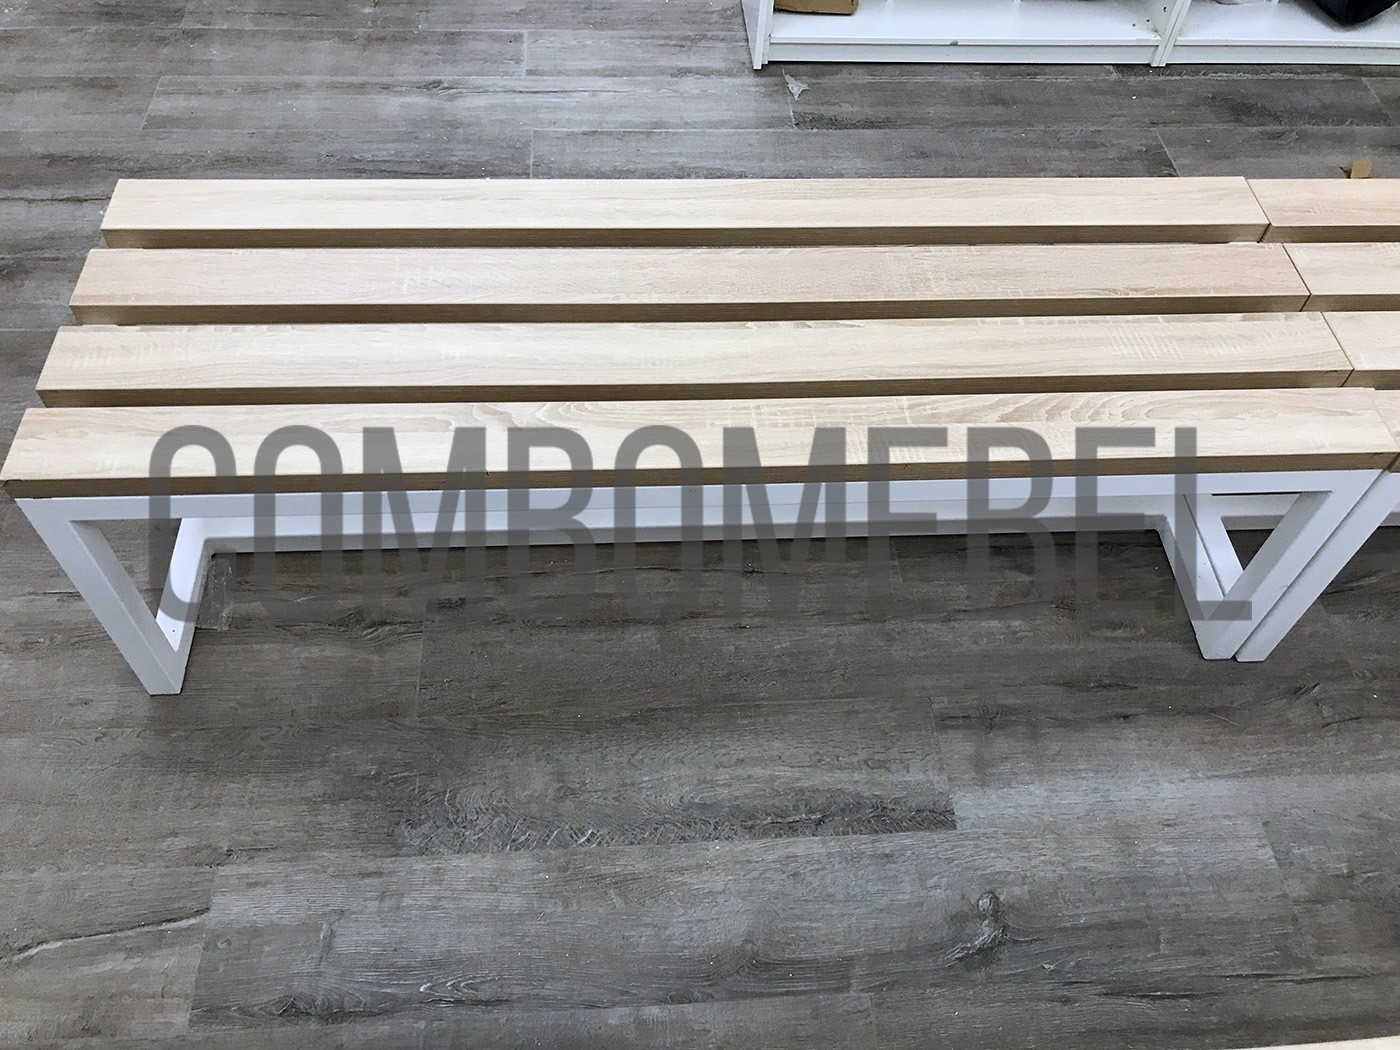 лавка для раздевалки на металлокаркасе 25х25 мм и реечным сиденьем из ЛДСП 32 мм